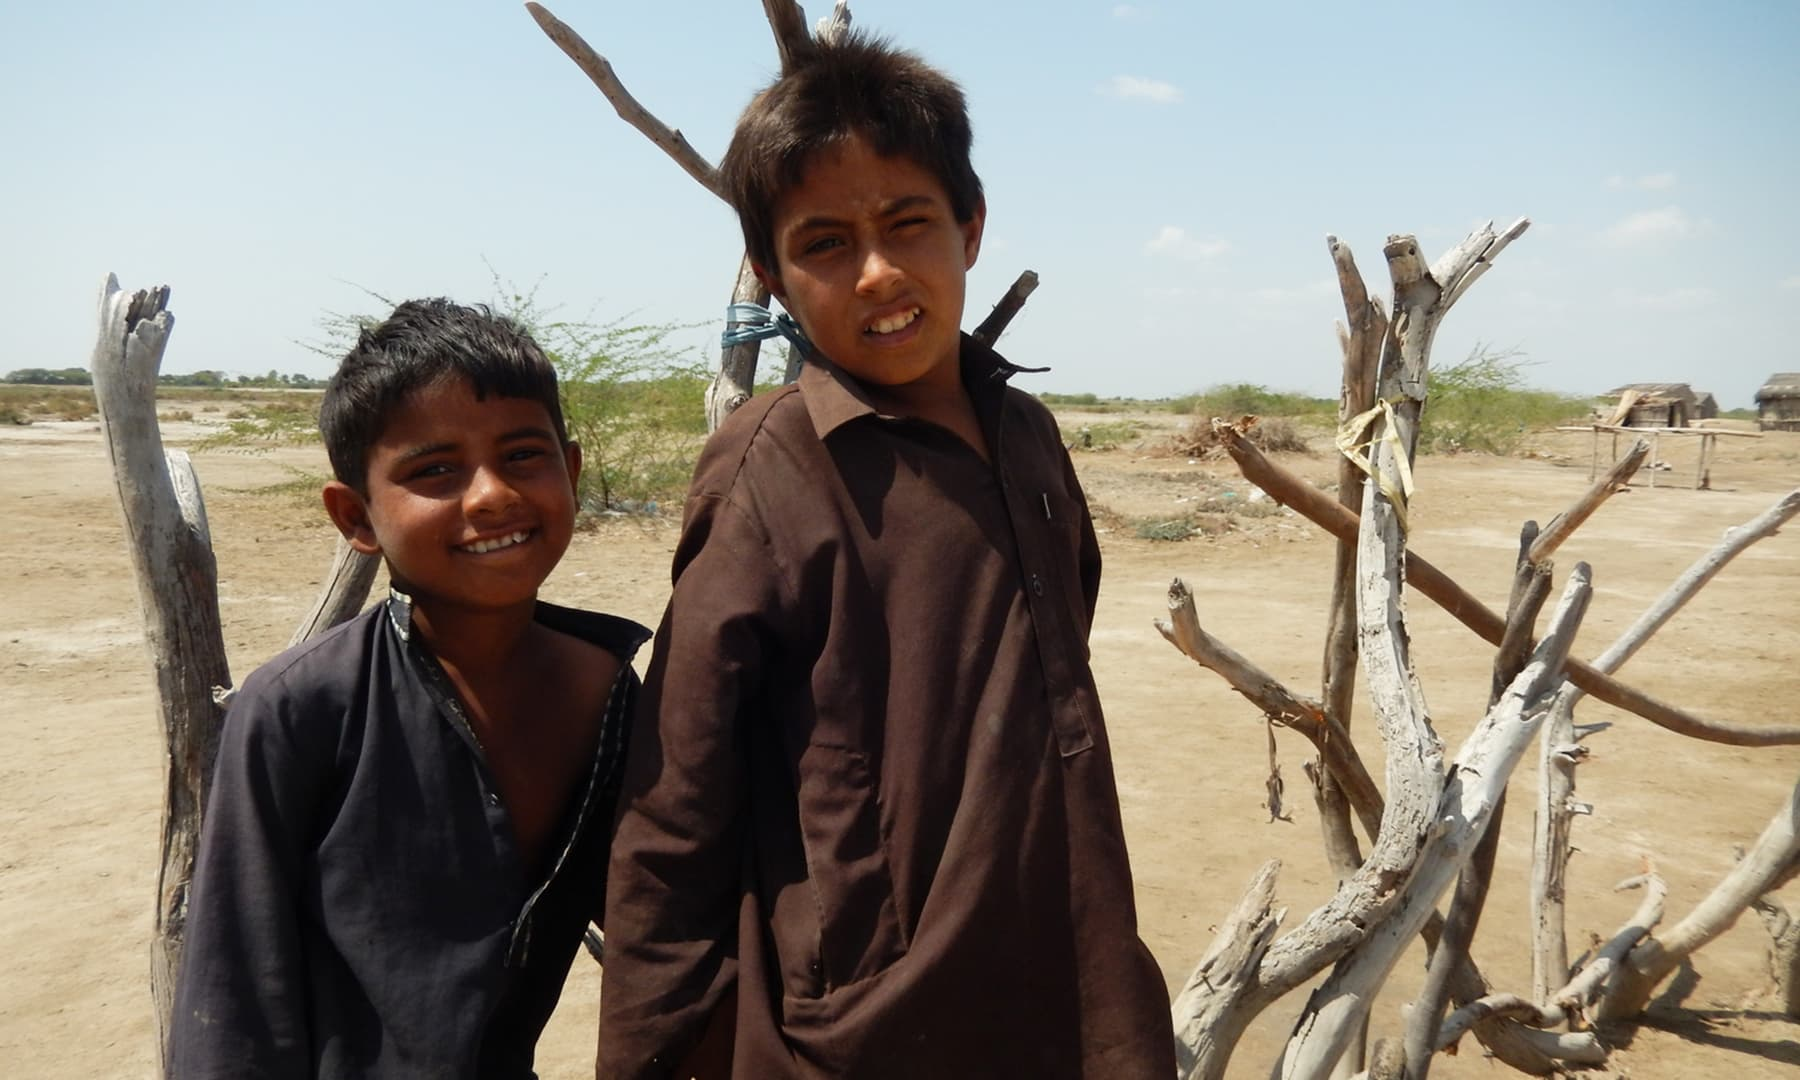 گاؤں کے بچے کو کوئی درسگاہ بھی میسر نہیں— تصویر ابوبکر شیخ